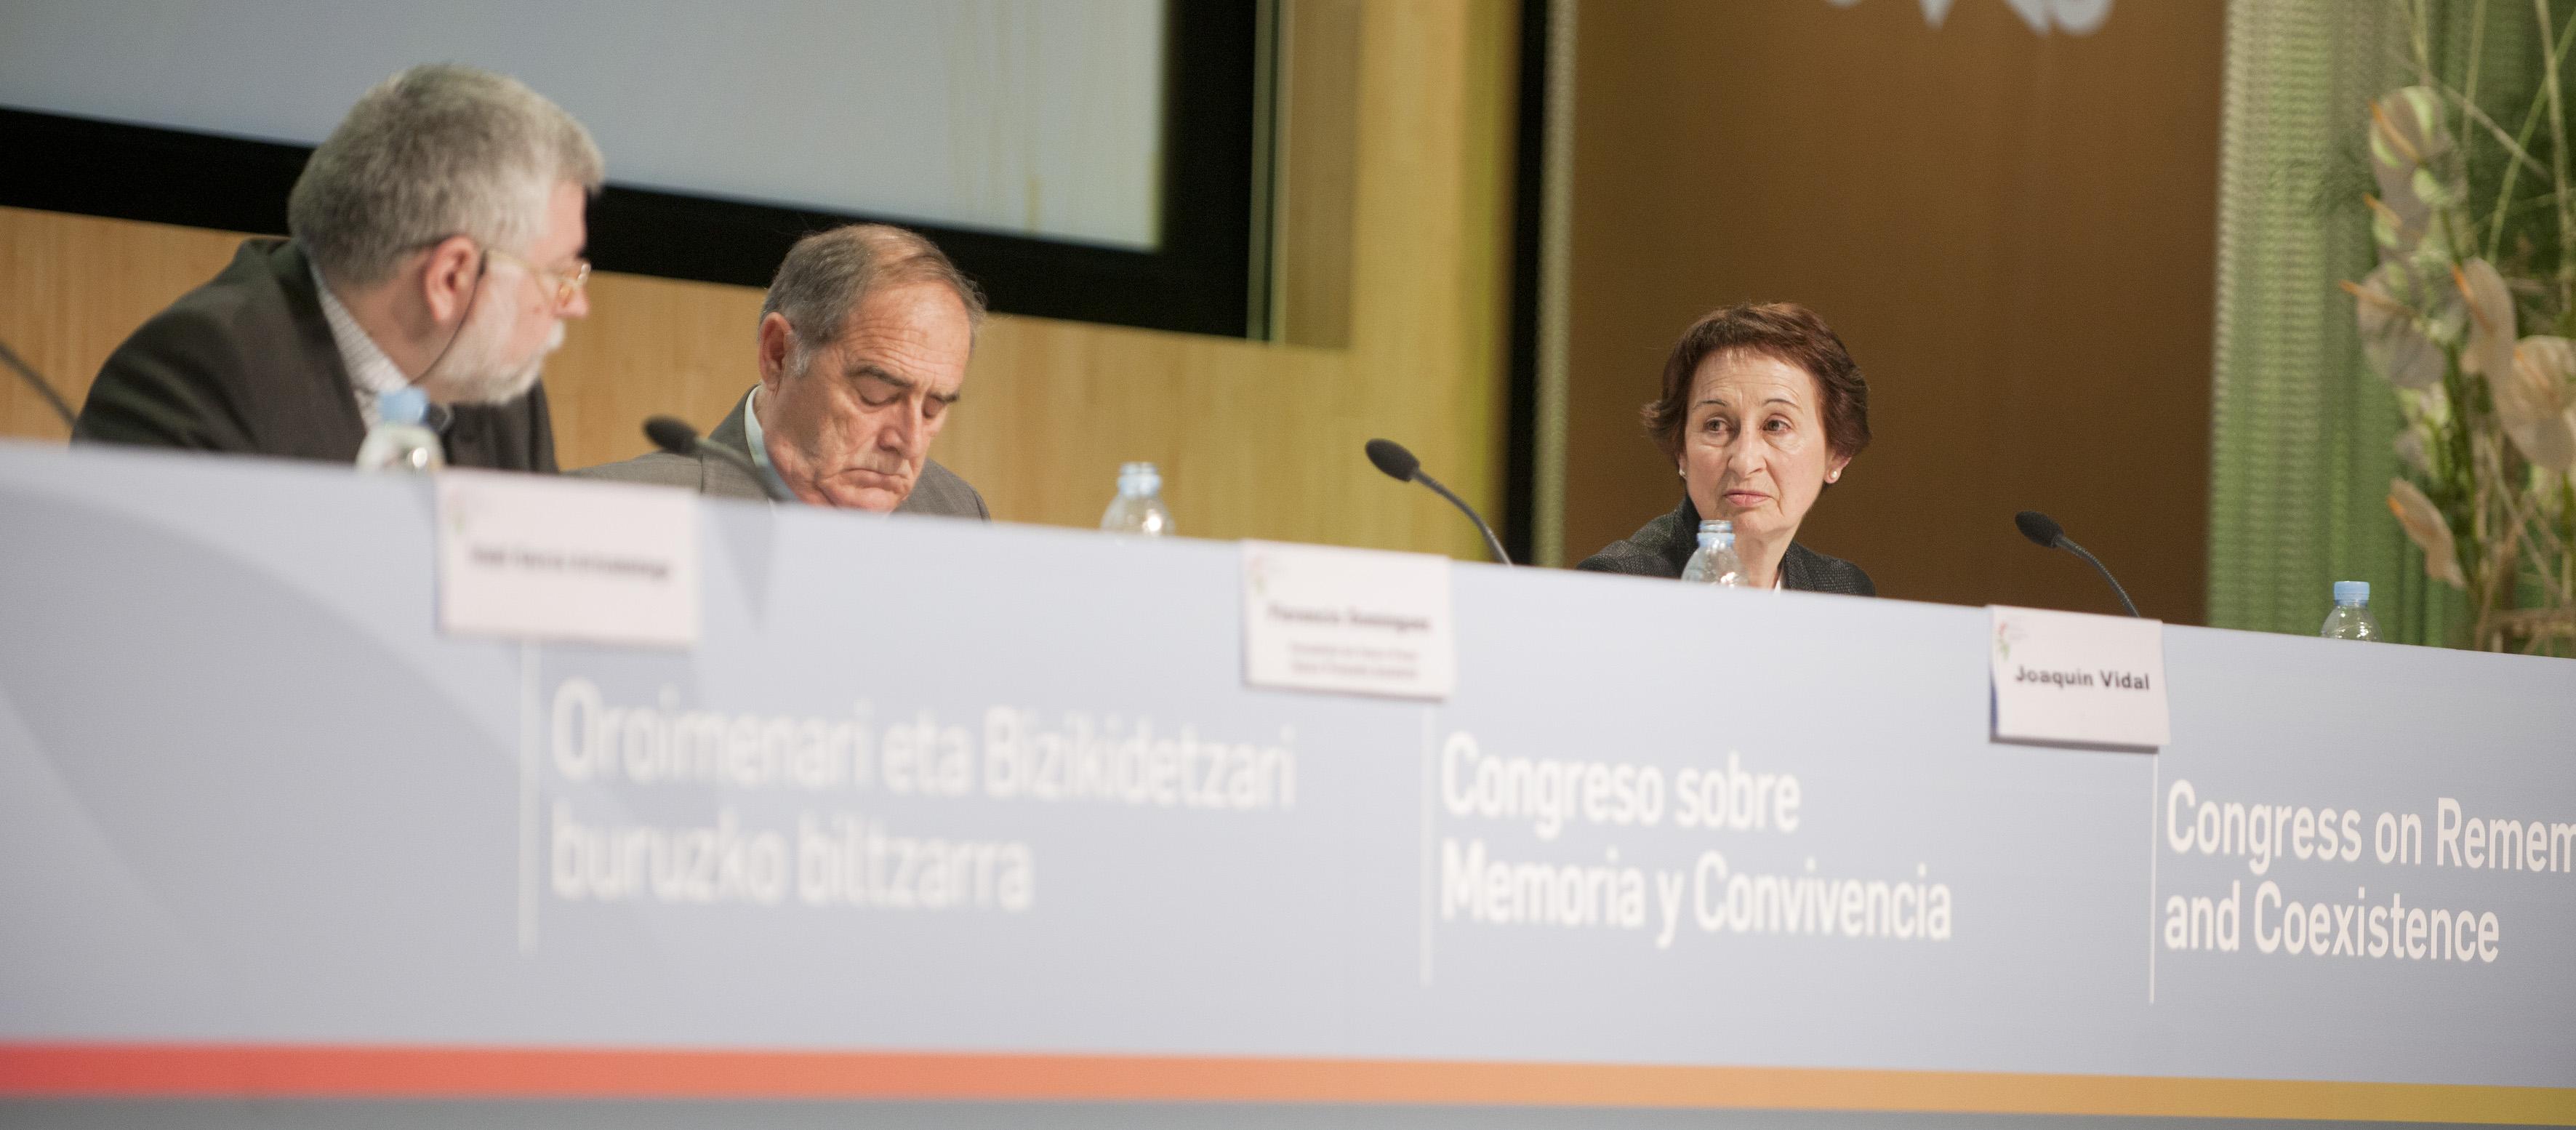 2012_05_14_congreso_memoria_convivencia_15.jpg